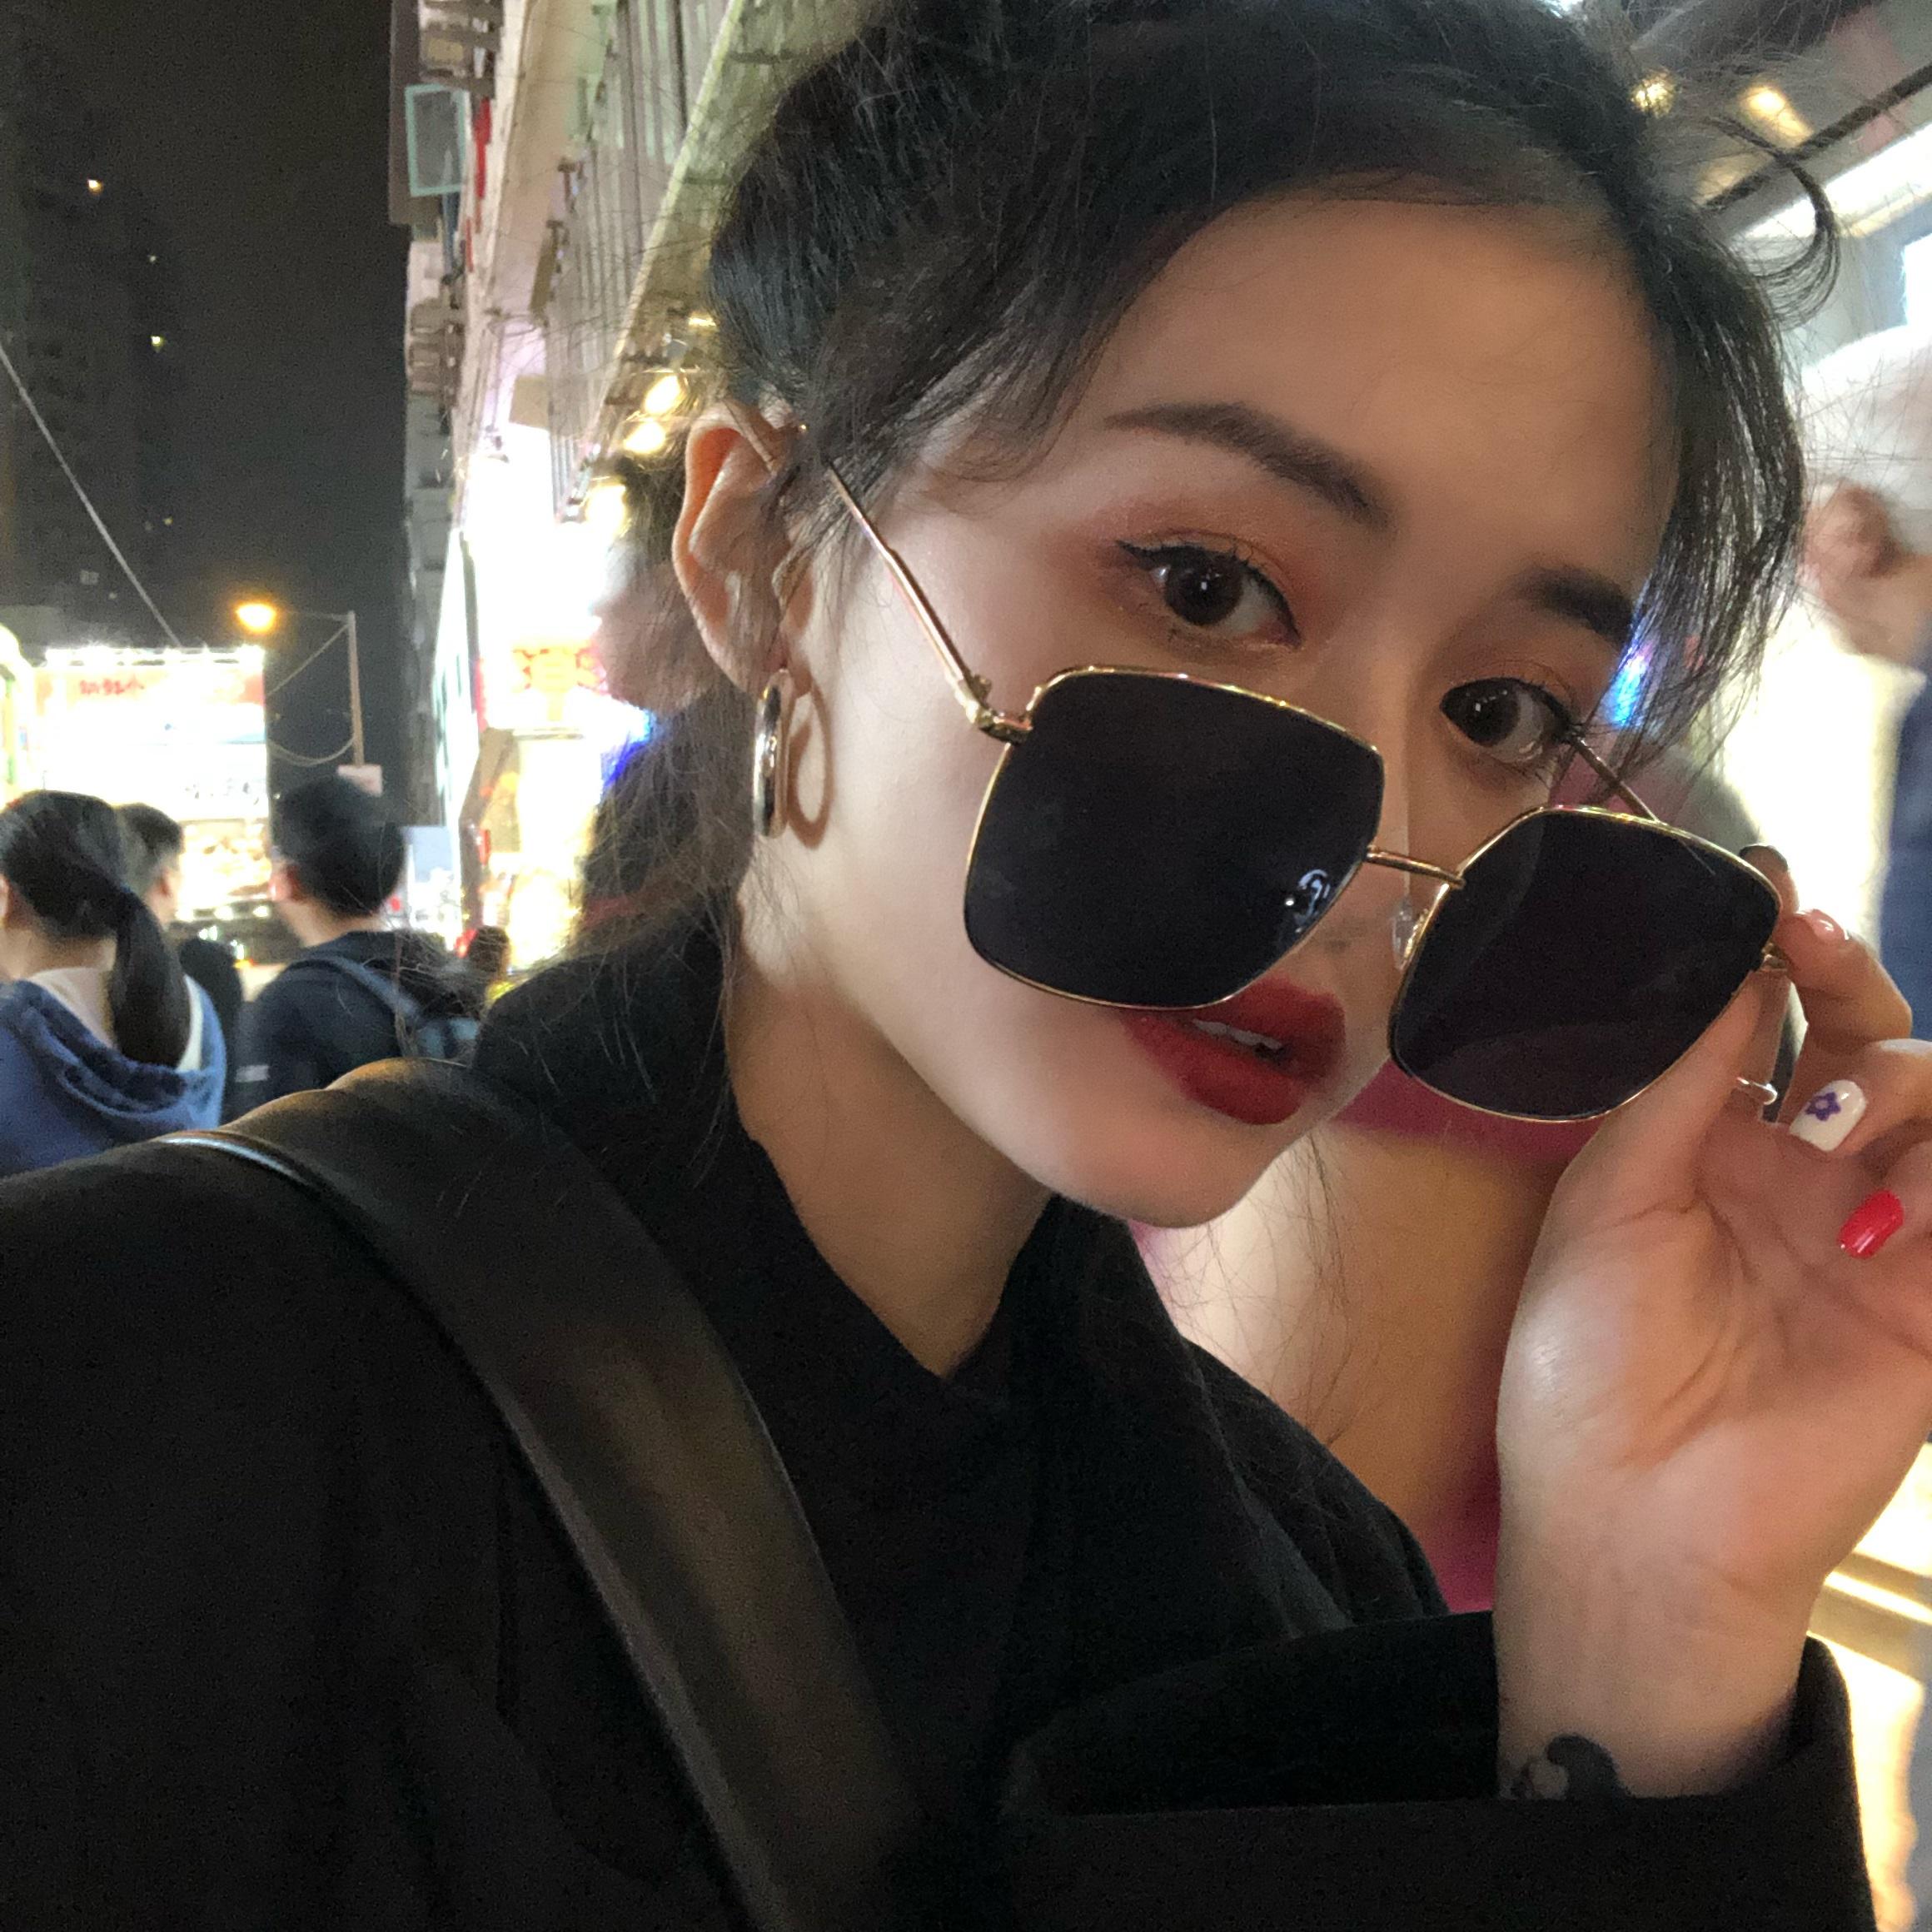 黑色大框太阳镜女士防紫外线网红墨镜百搭时尚偏光眼镜夏季遮阳镜